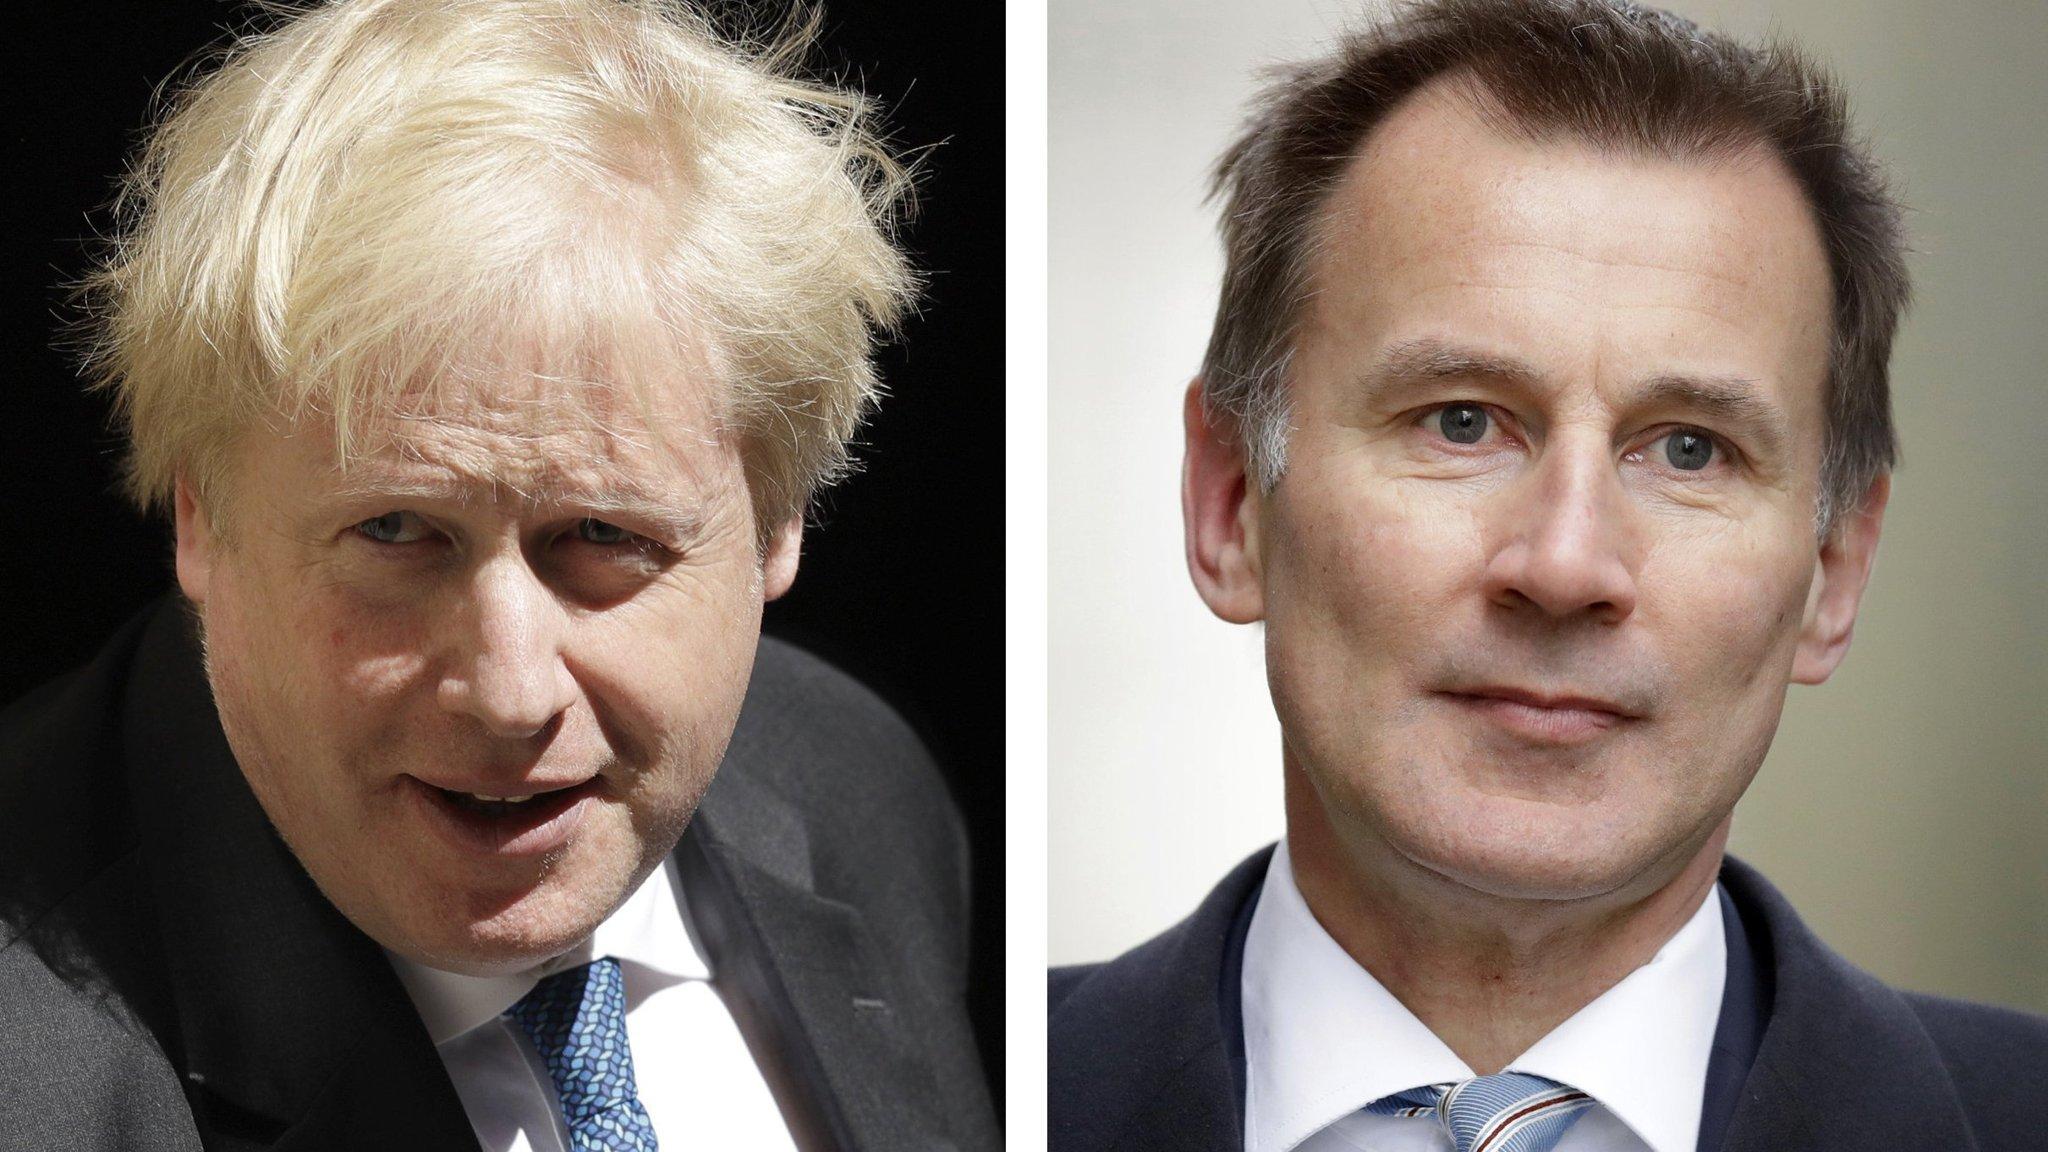 Prime minister uk